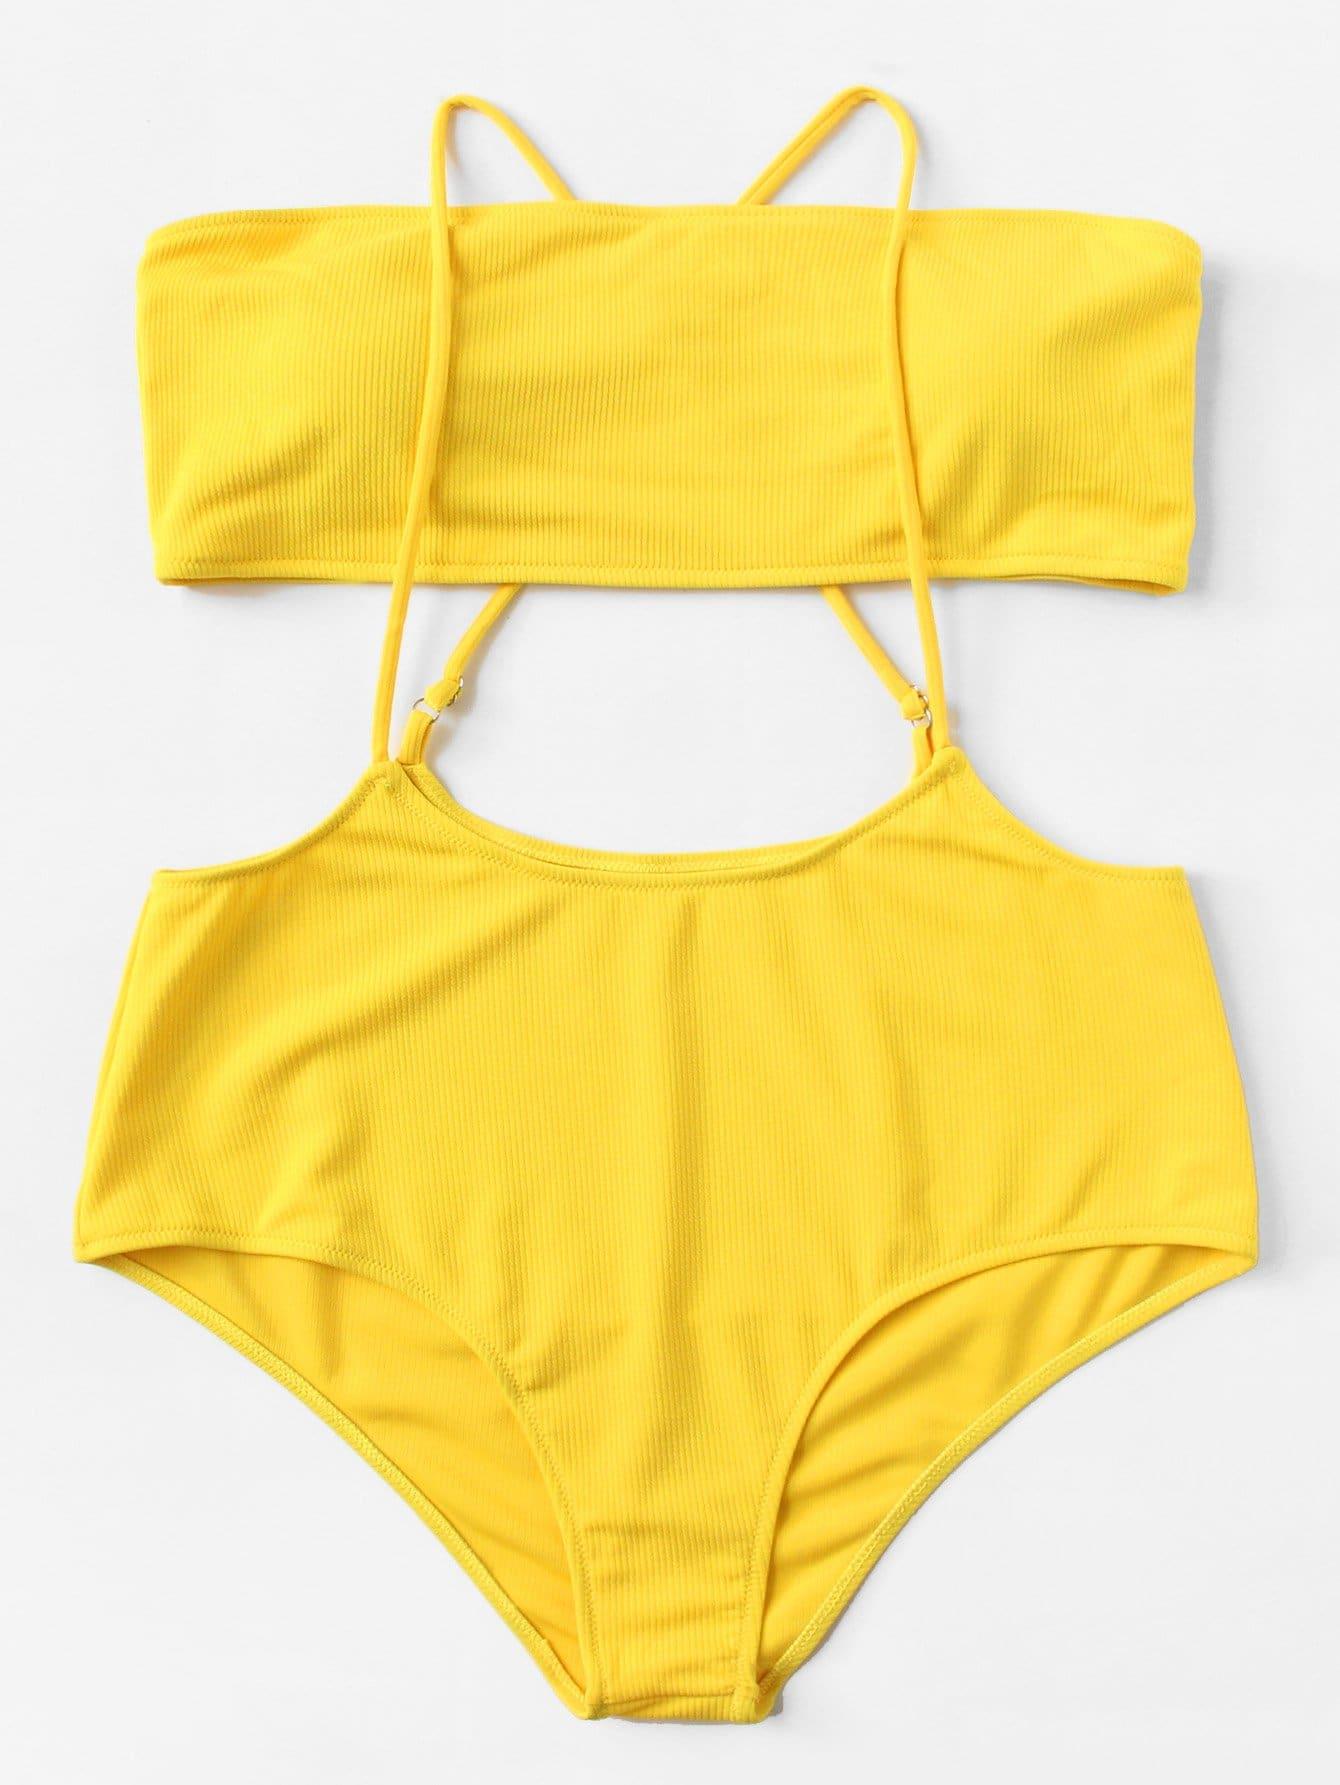 Cami Two Piece Swimwear